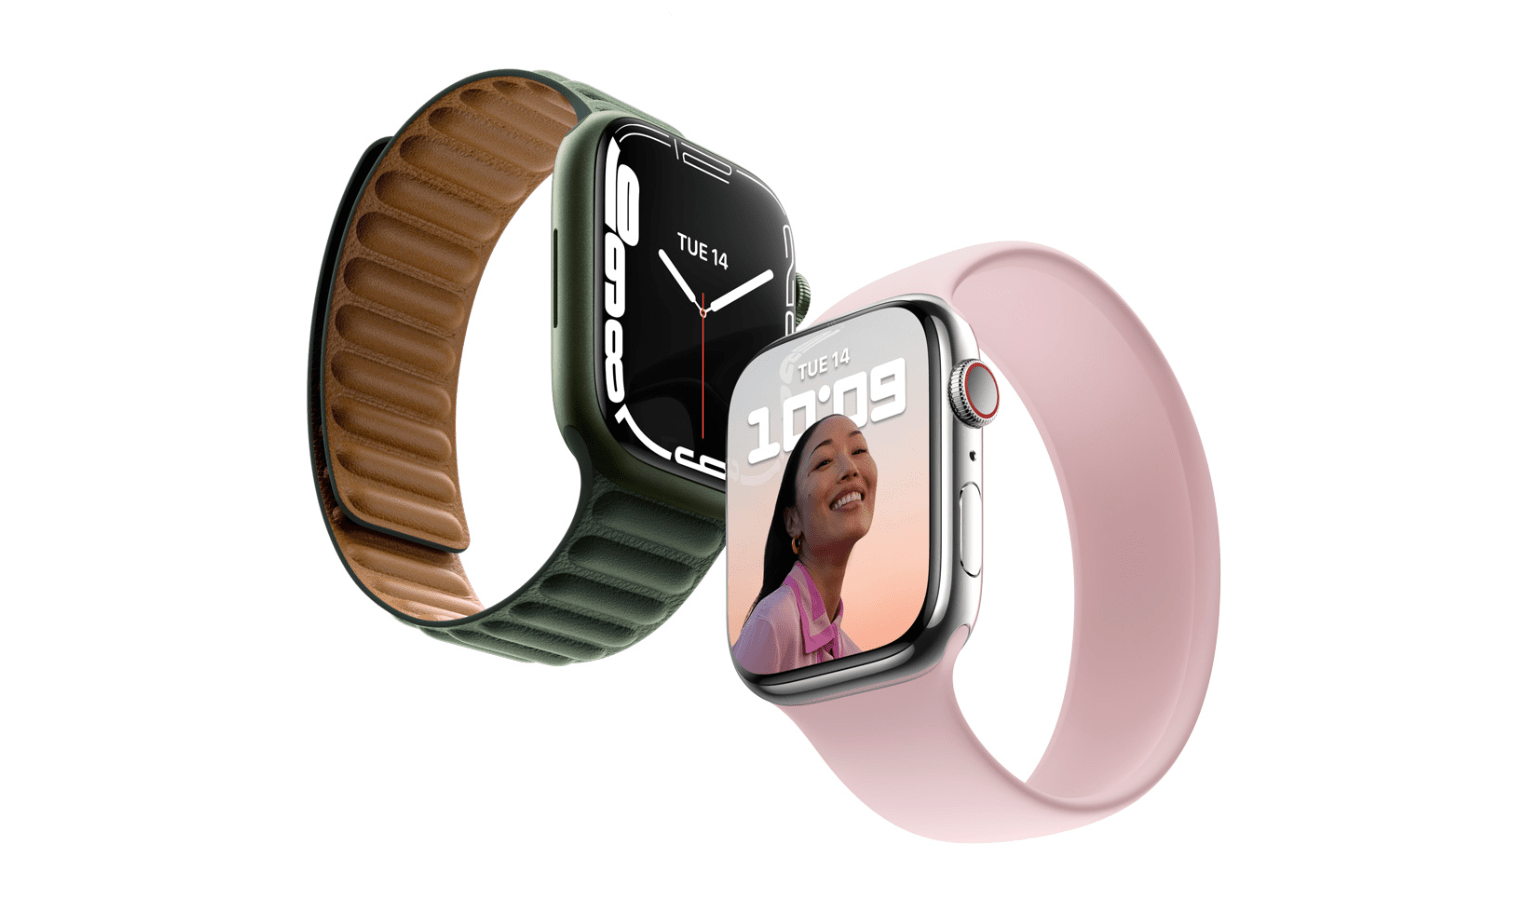 Цены Apple Watch Series 7 слили в сеть за час до начала предзаказа (apple watch series 7 featured)